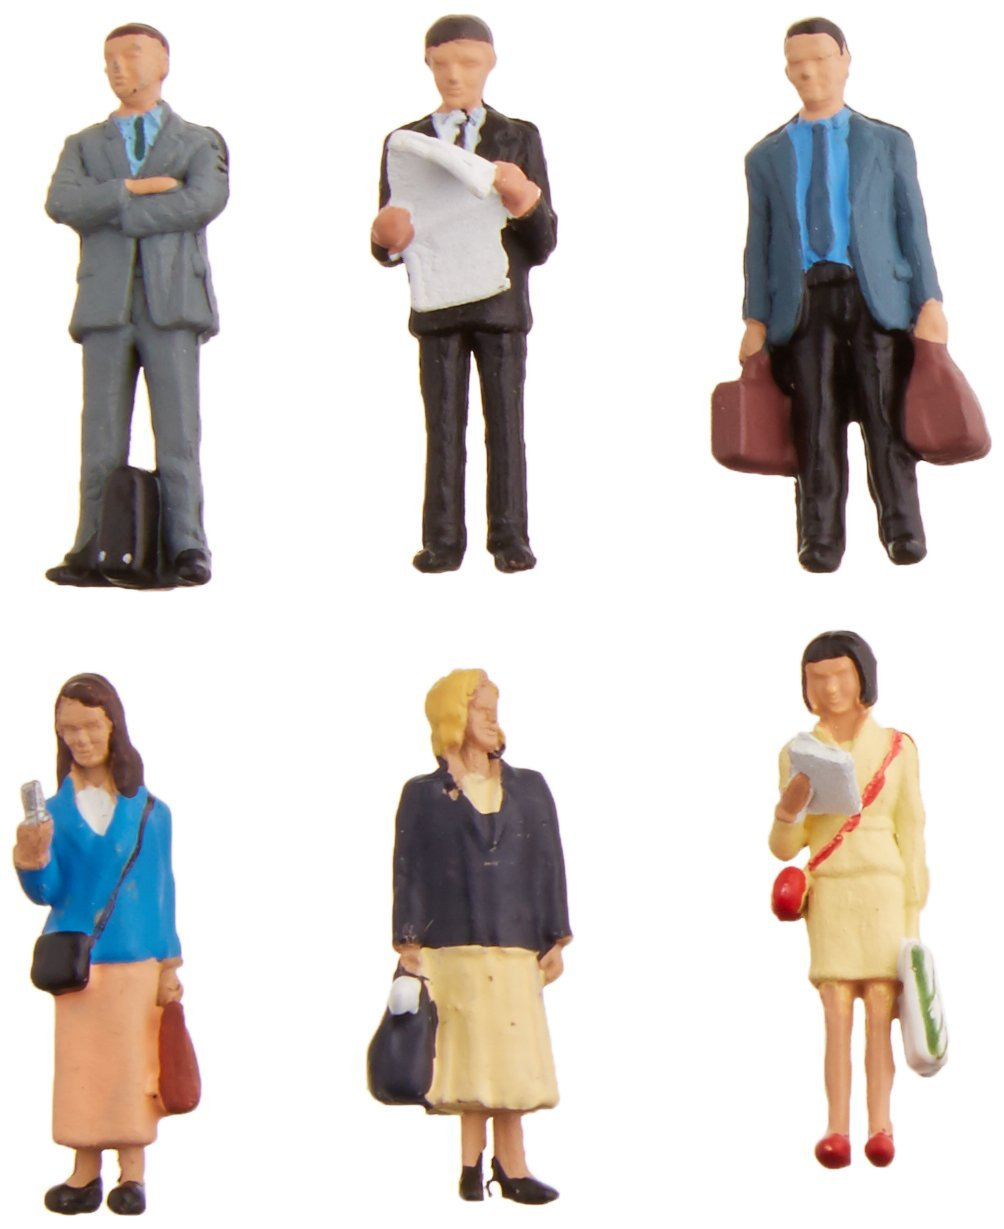 Bachmann Industries SceneScapes Standing Platform Passengers Miniature Figures 6 Piece